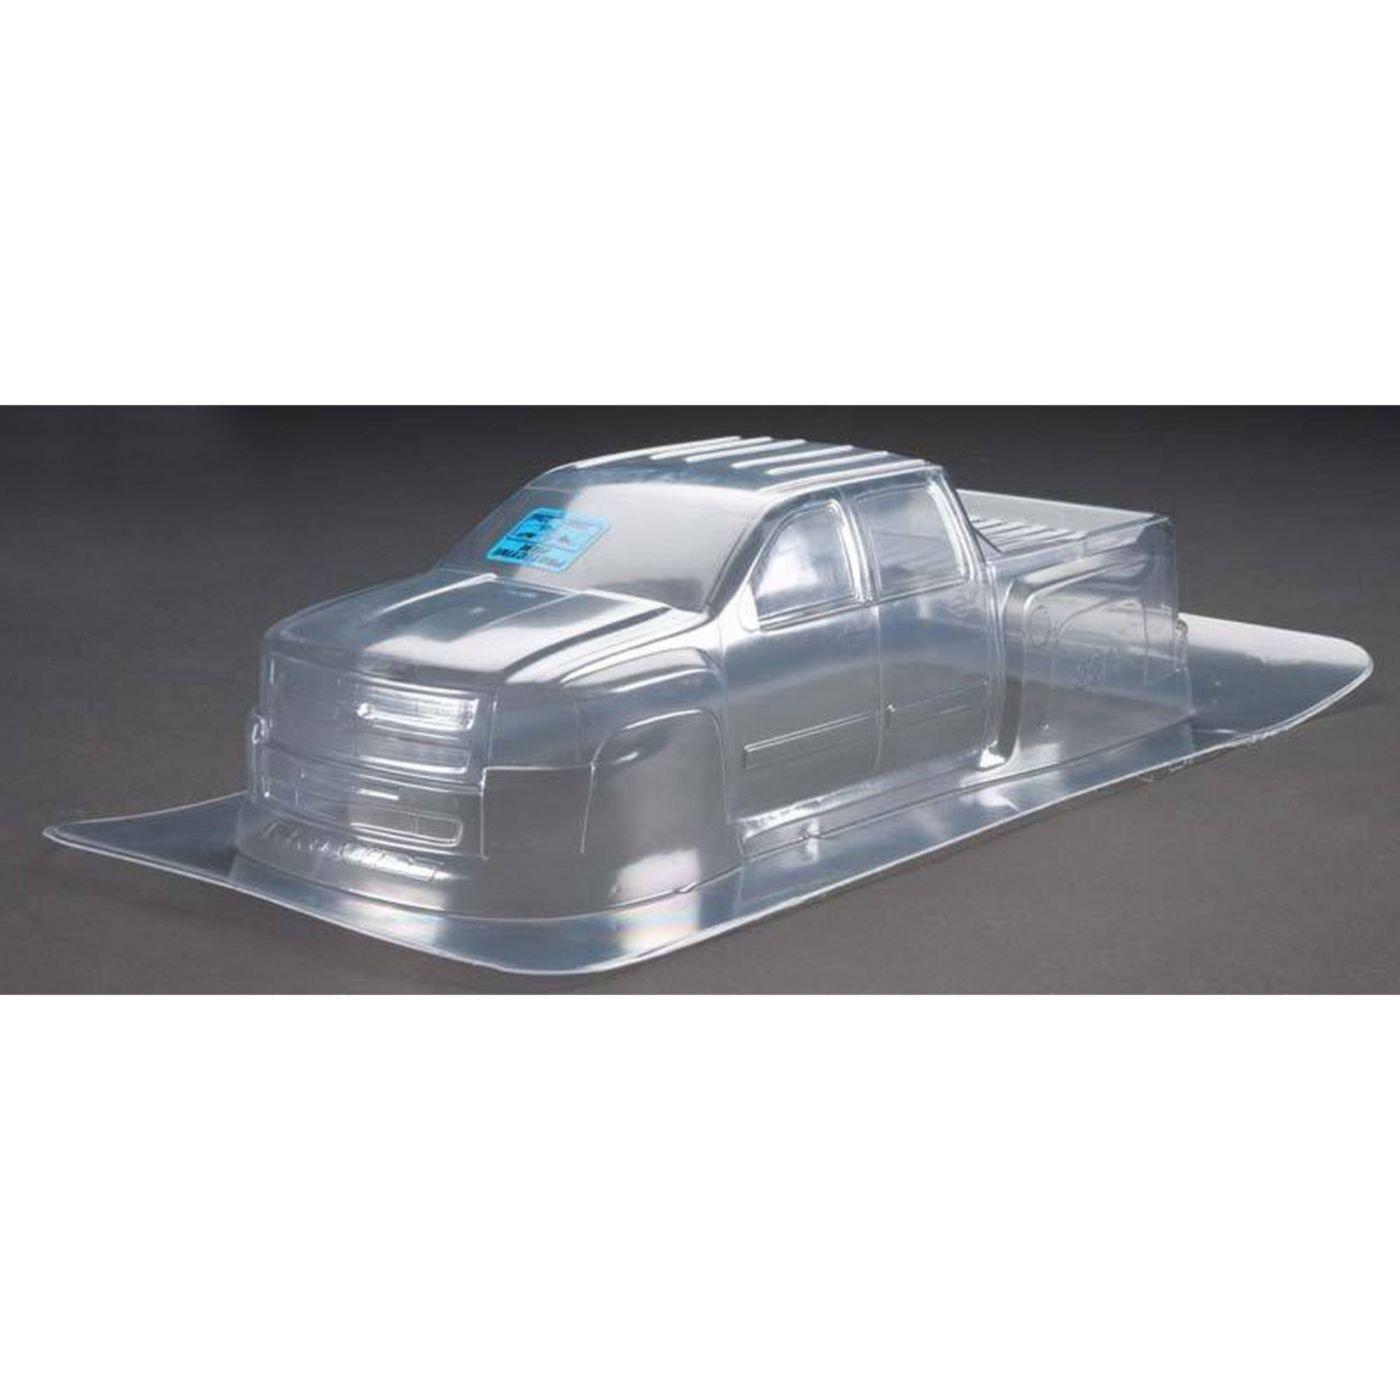 Pro-Line Racing 335700 Chevy Silverado 2500 HD Clear Body